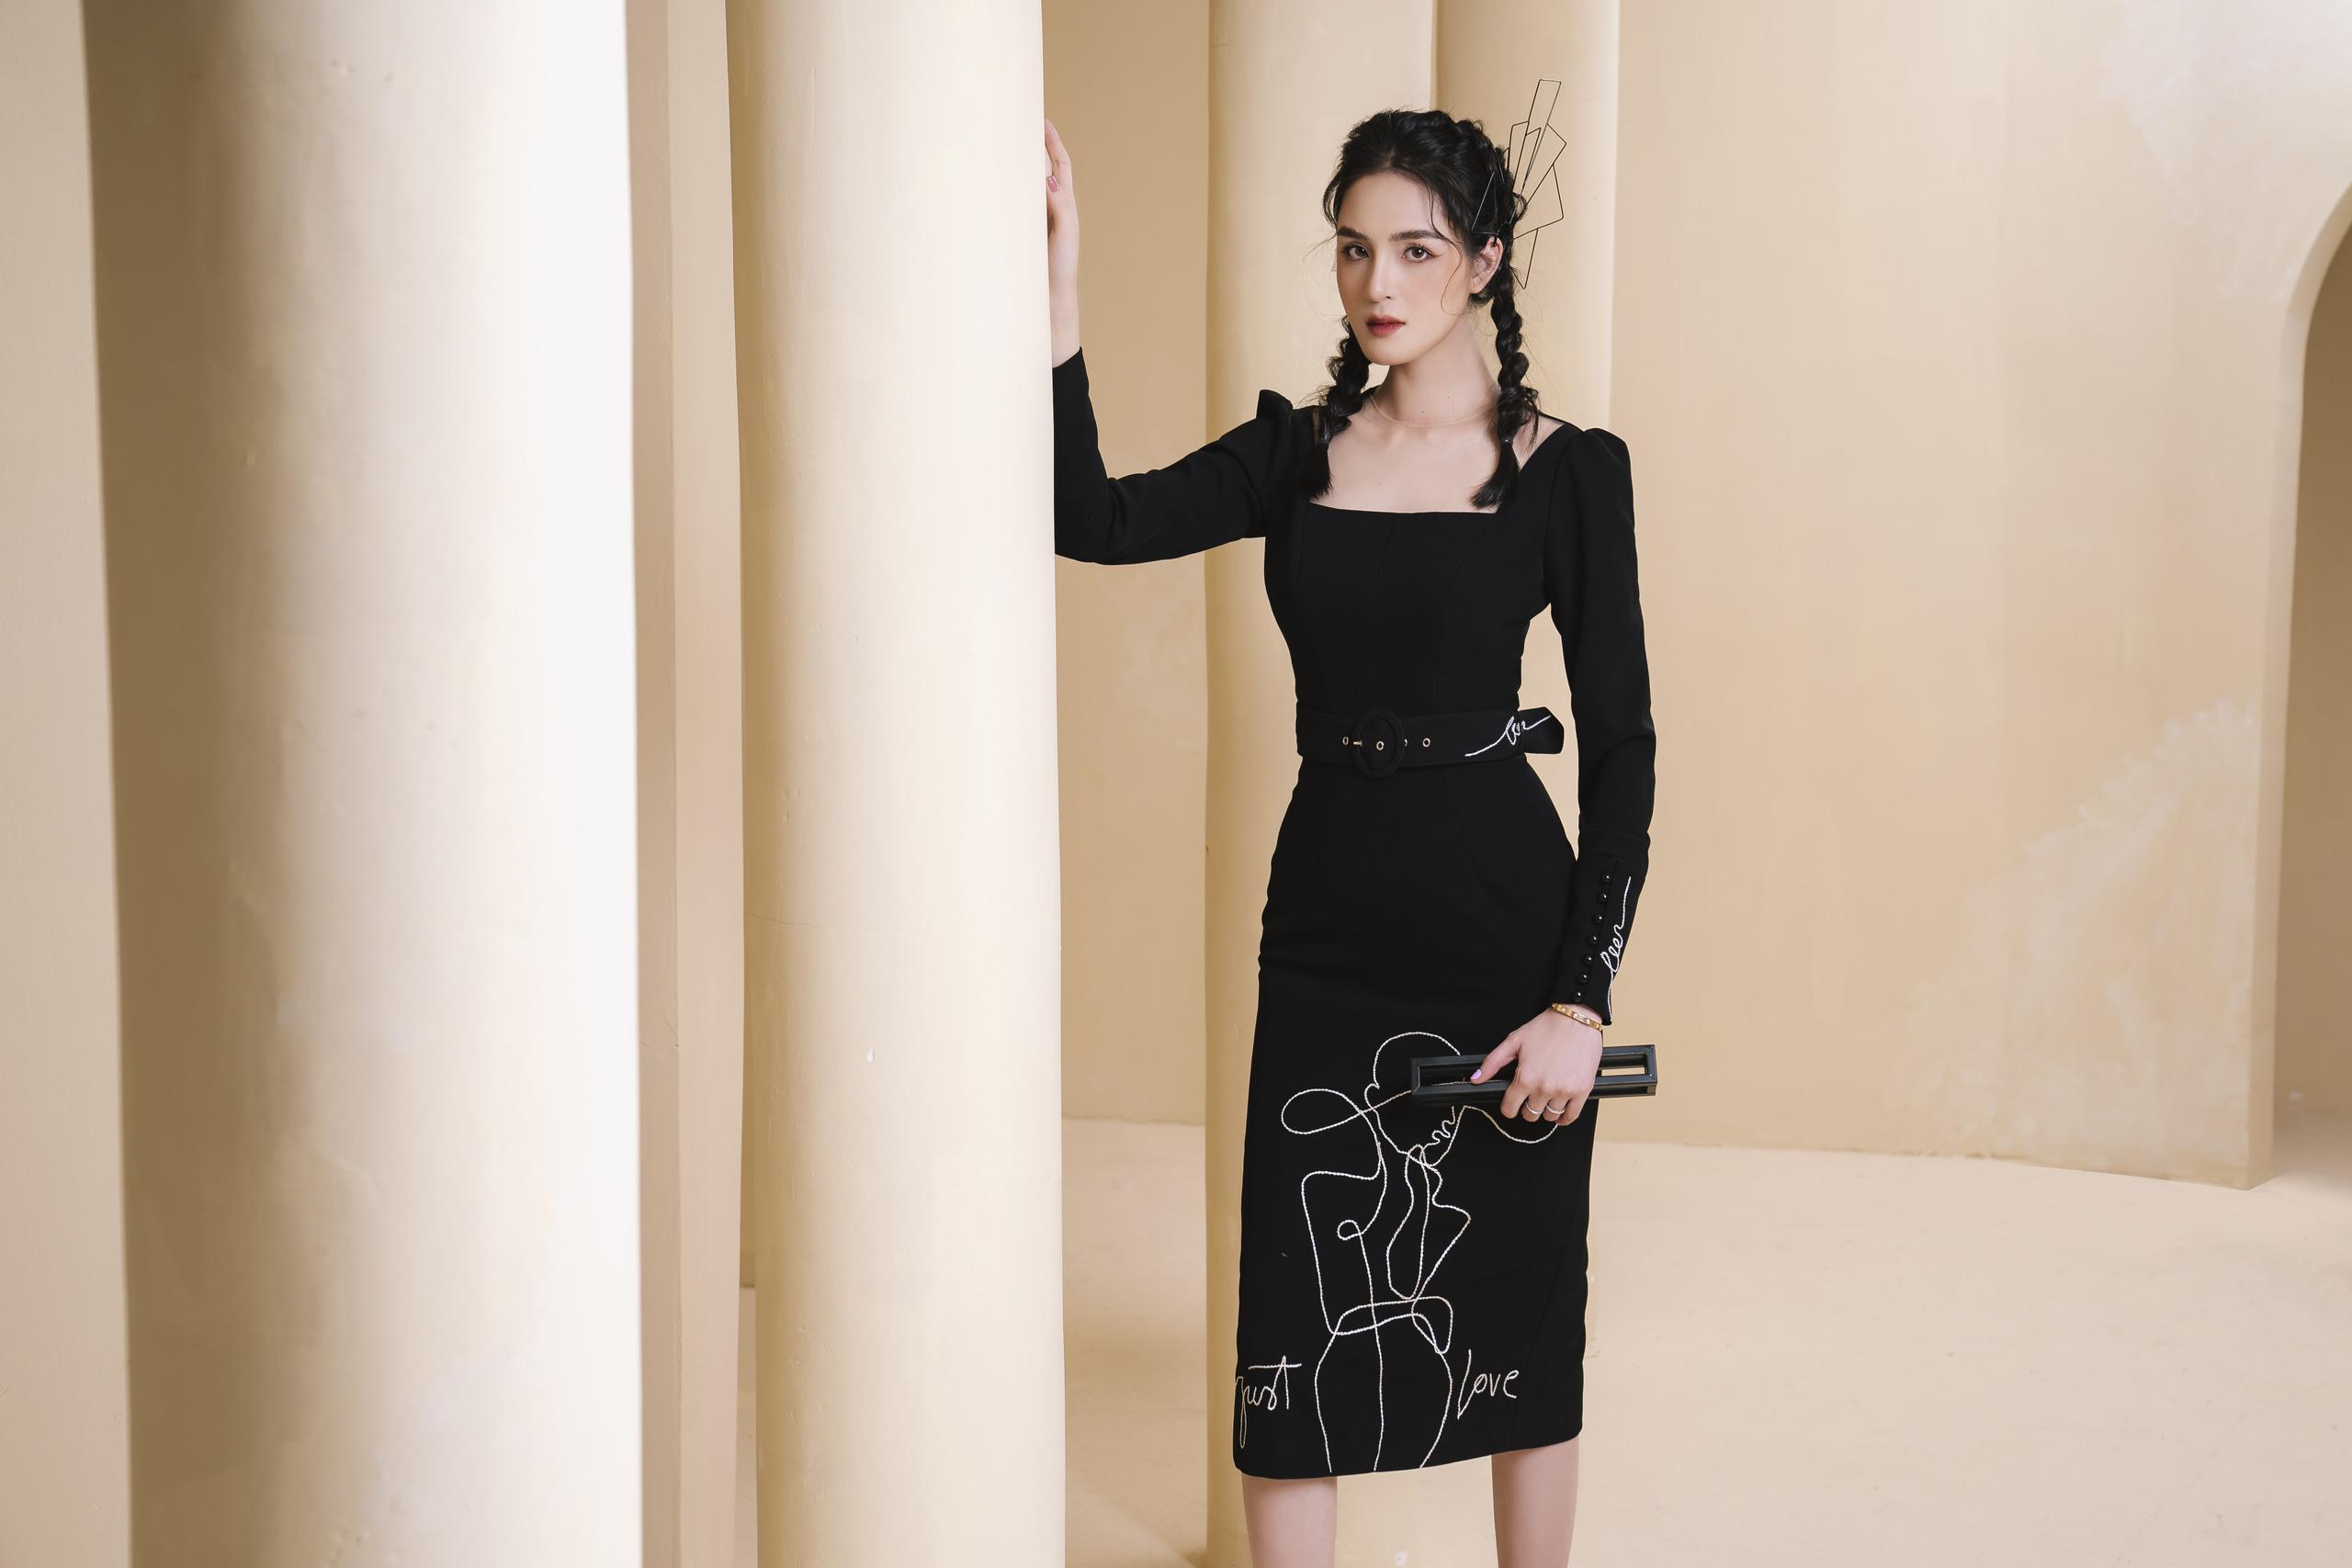 Sinh con thứ 2 chẳng bao lâu, Á hậu Hoàng Oanh tái xuất với sắc vóc gợi cảm gợi ý những bộ váy áo thanh lịch cho nàng công sở chuộng sắc đen - Ảnh 1.